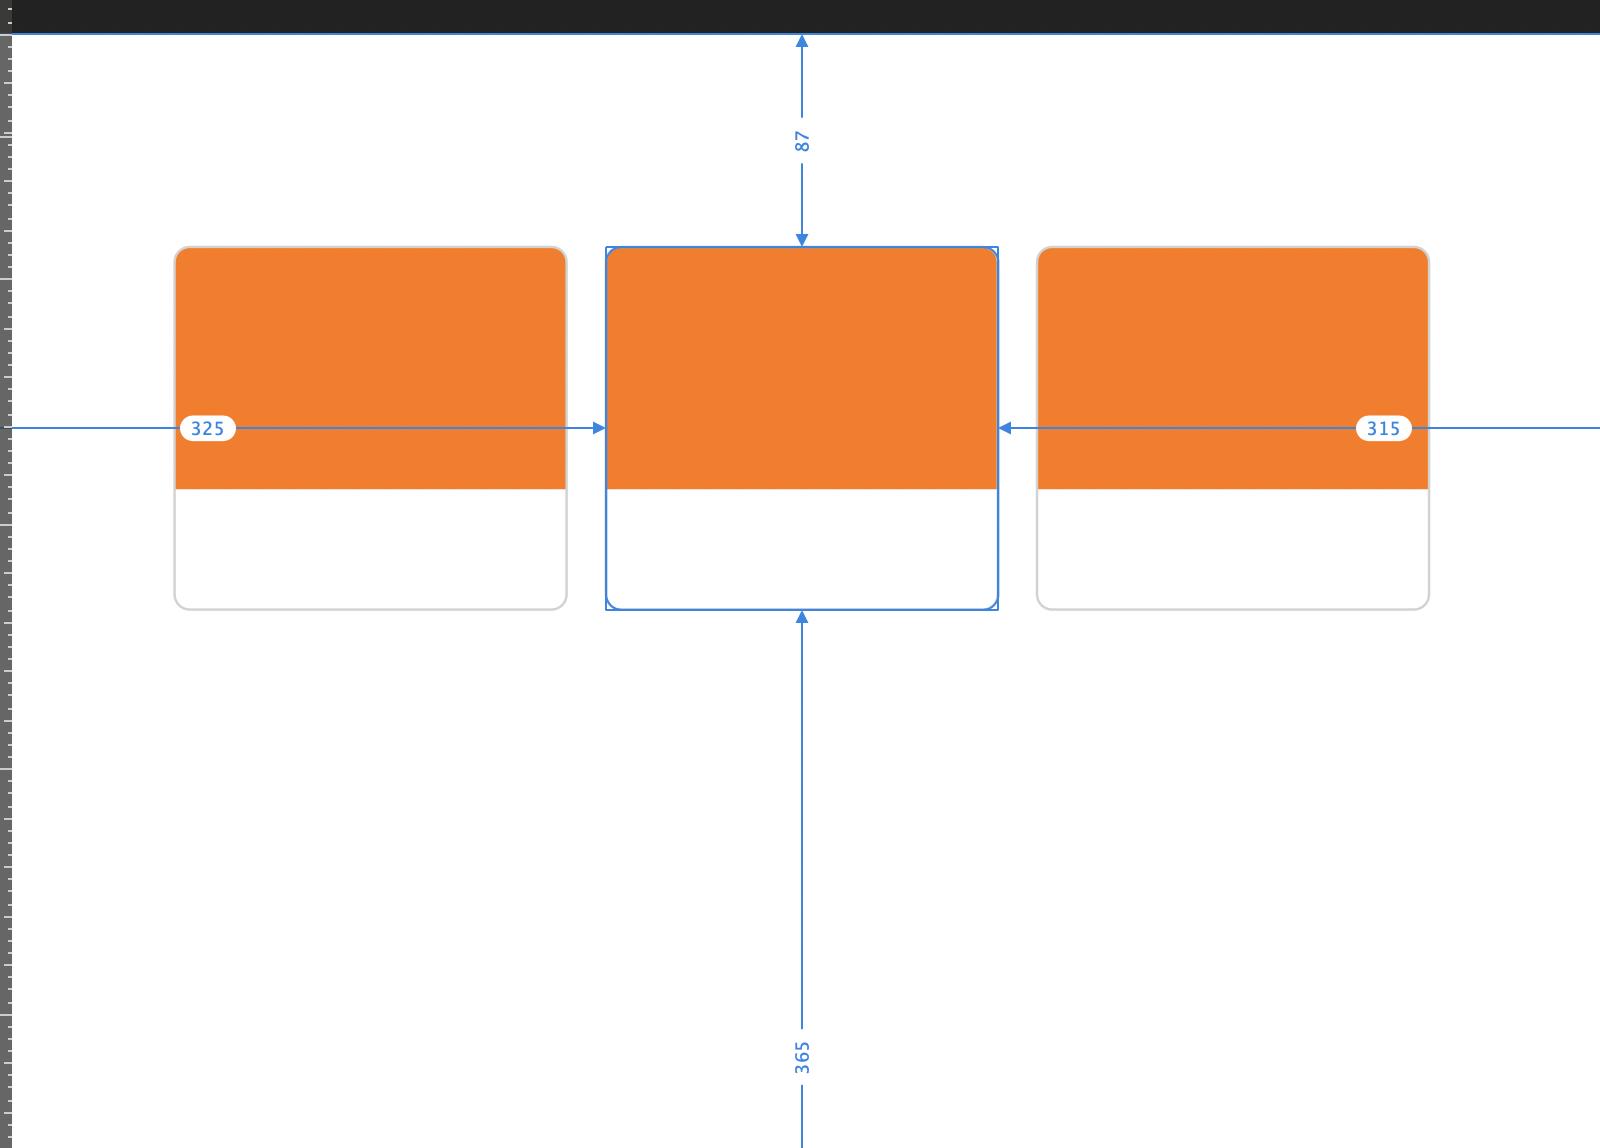 Affinity Designerで選択されたオブジェクトの測定ガイドが表示さている状態